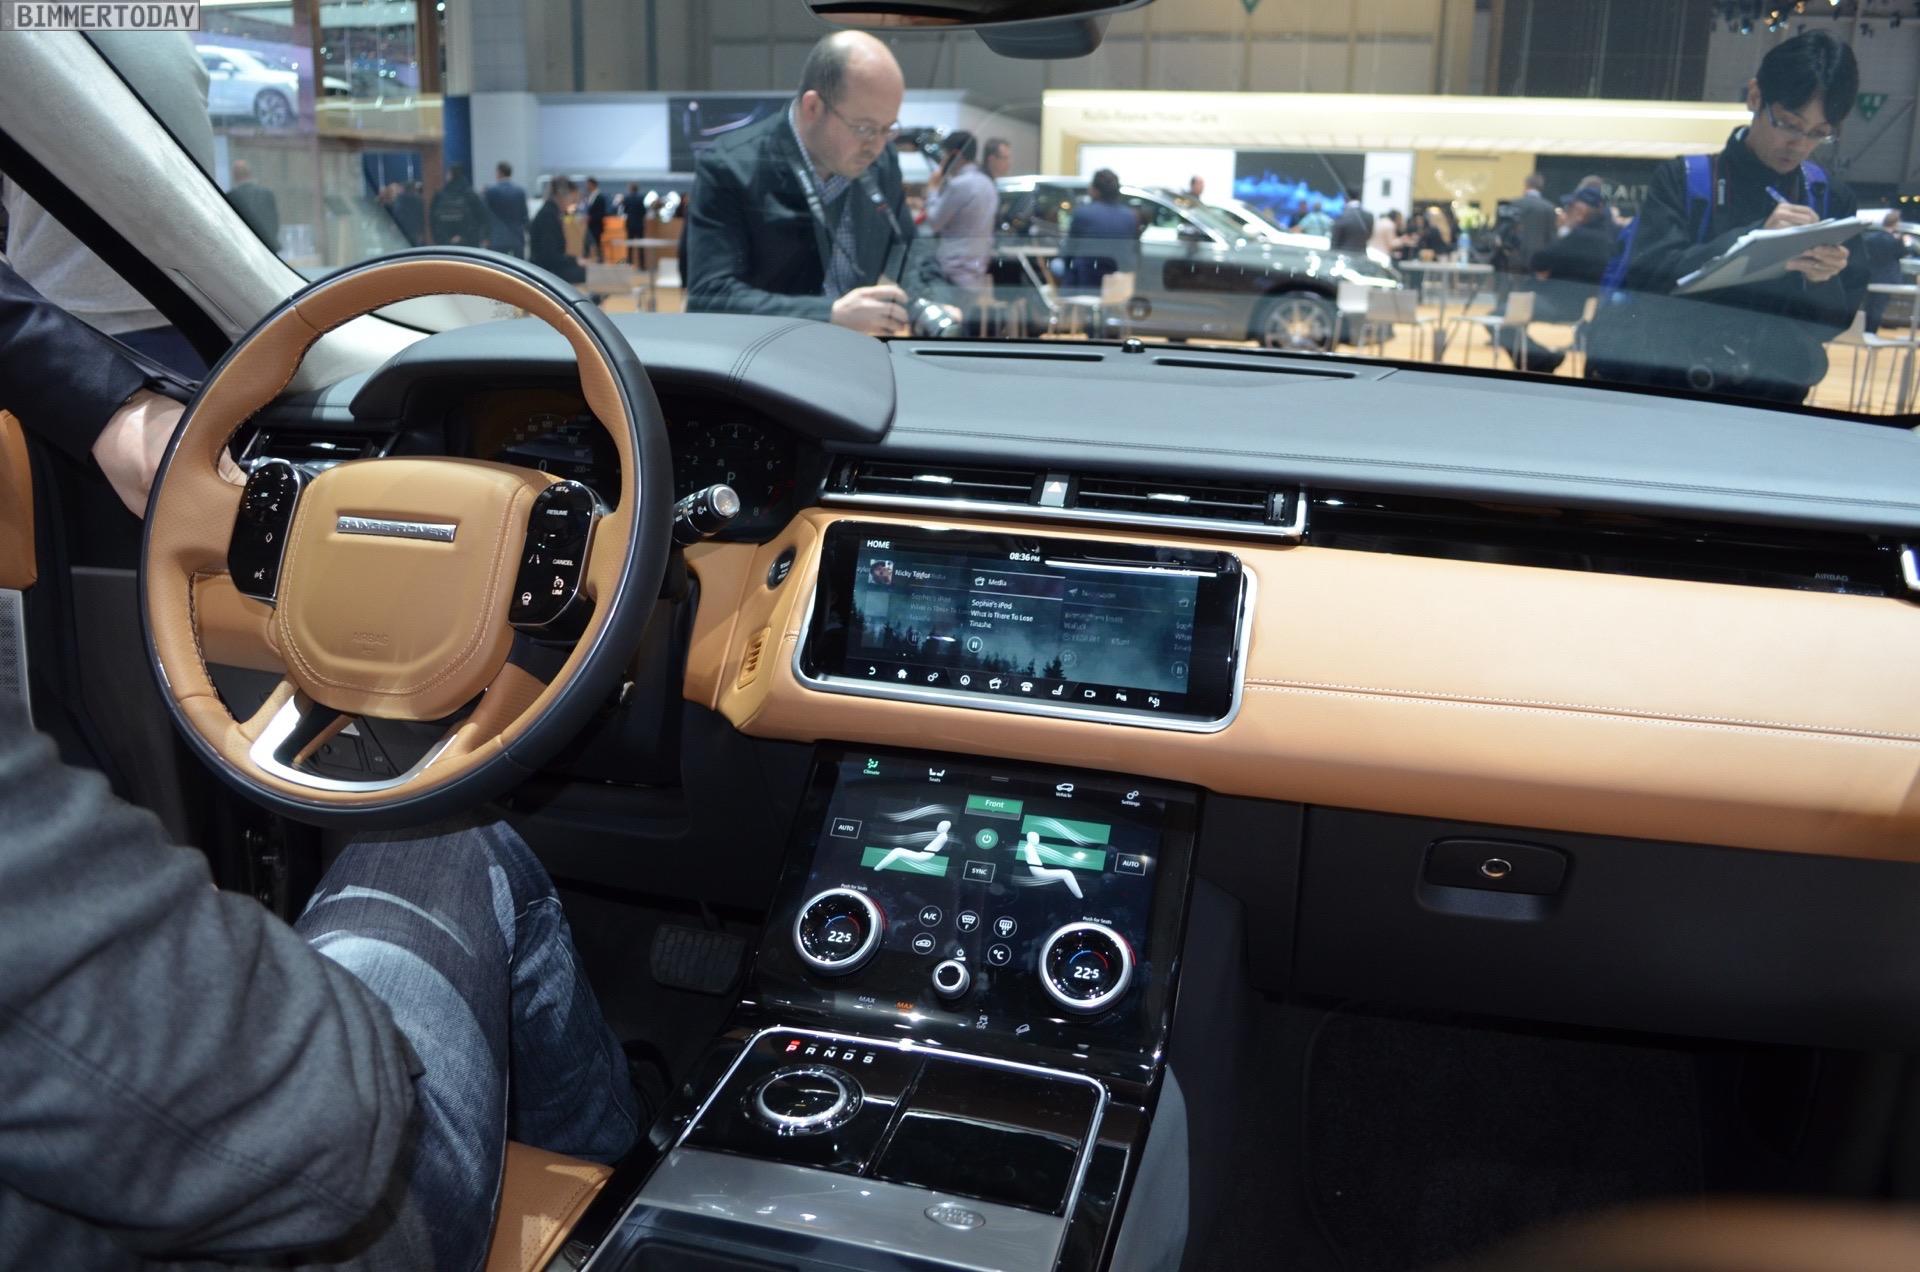 https://cdn.bmwblog.com/wp-content/uploads/2017/03/2017-Range-Rover-Velar-P380-Interieur-Genf-Autosalon-Live-05.jpg